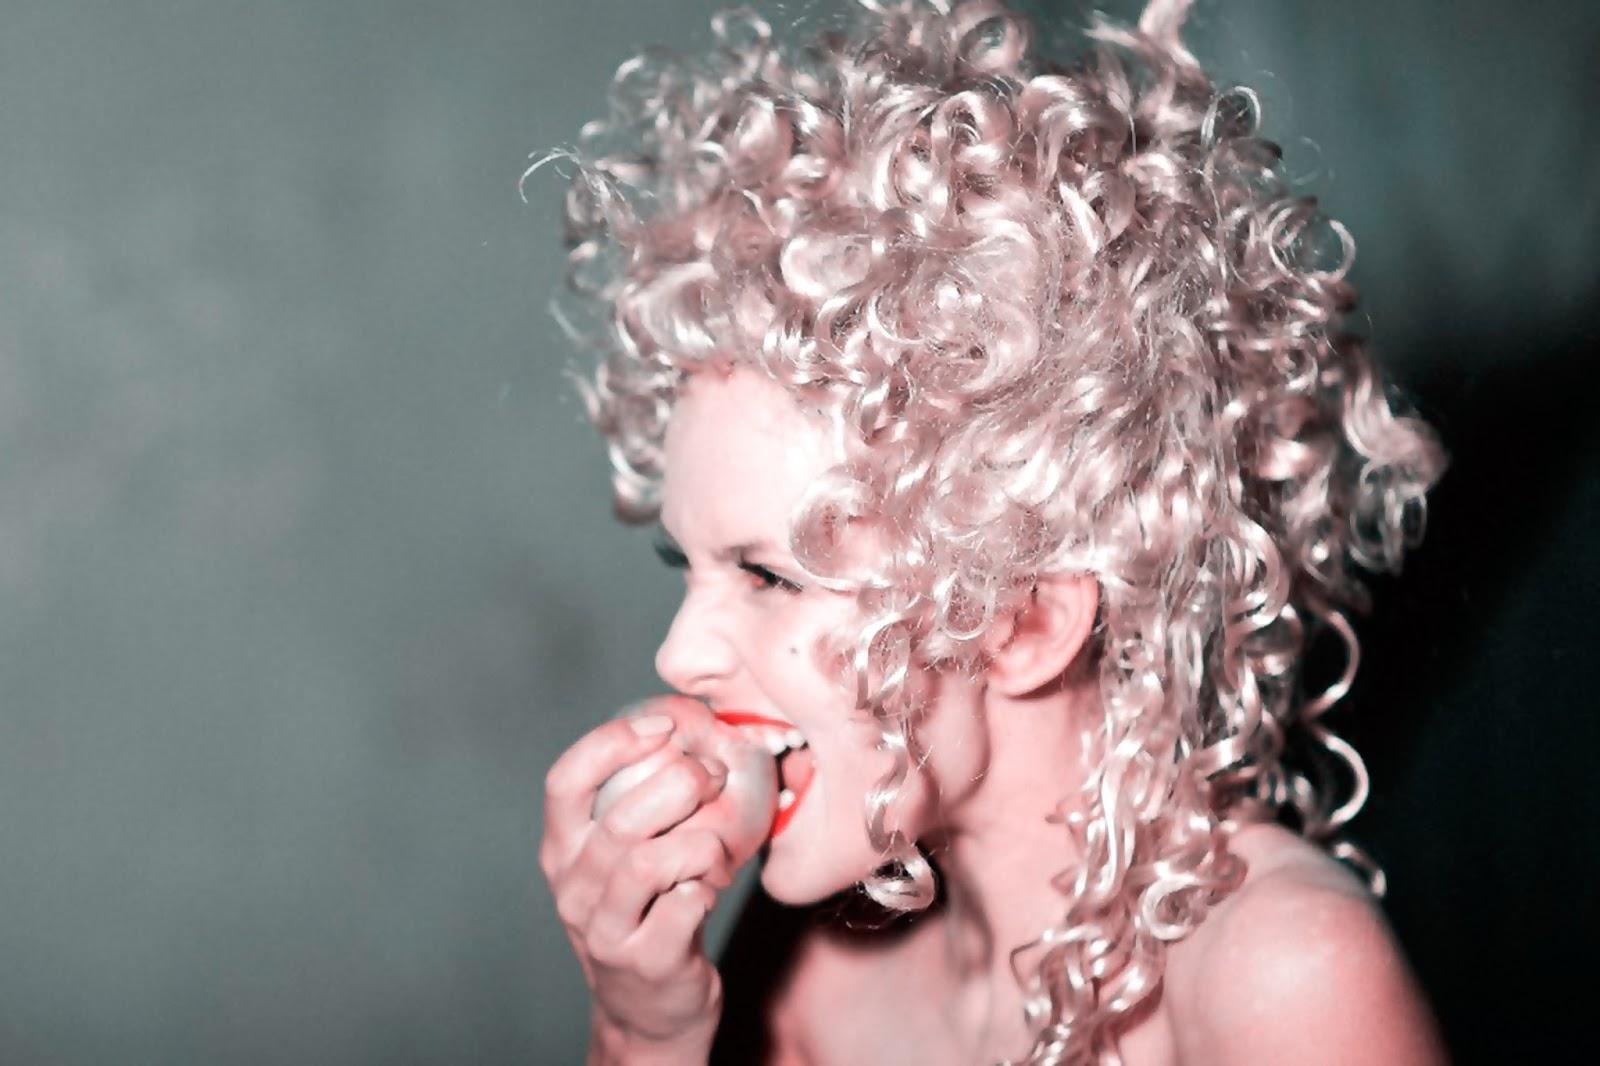 Красота или естественность? Красота - не значит дорого. Автор actress Nataly Tsvetkova, writer. Со-автор Producer Niclav S., Doctor of Sc.